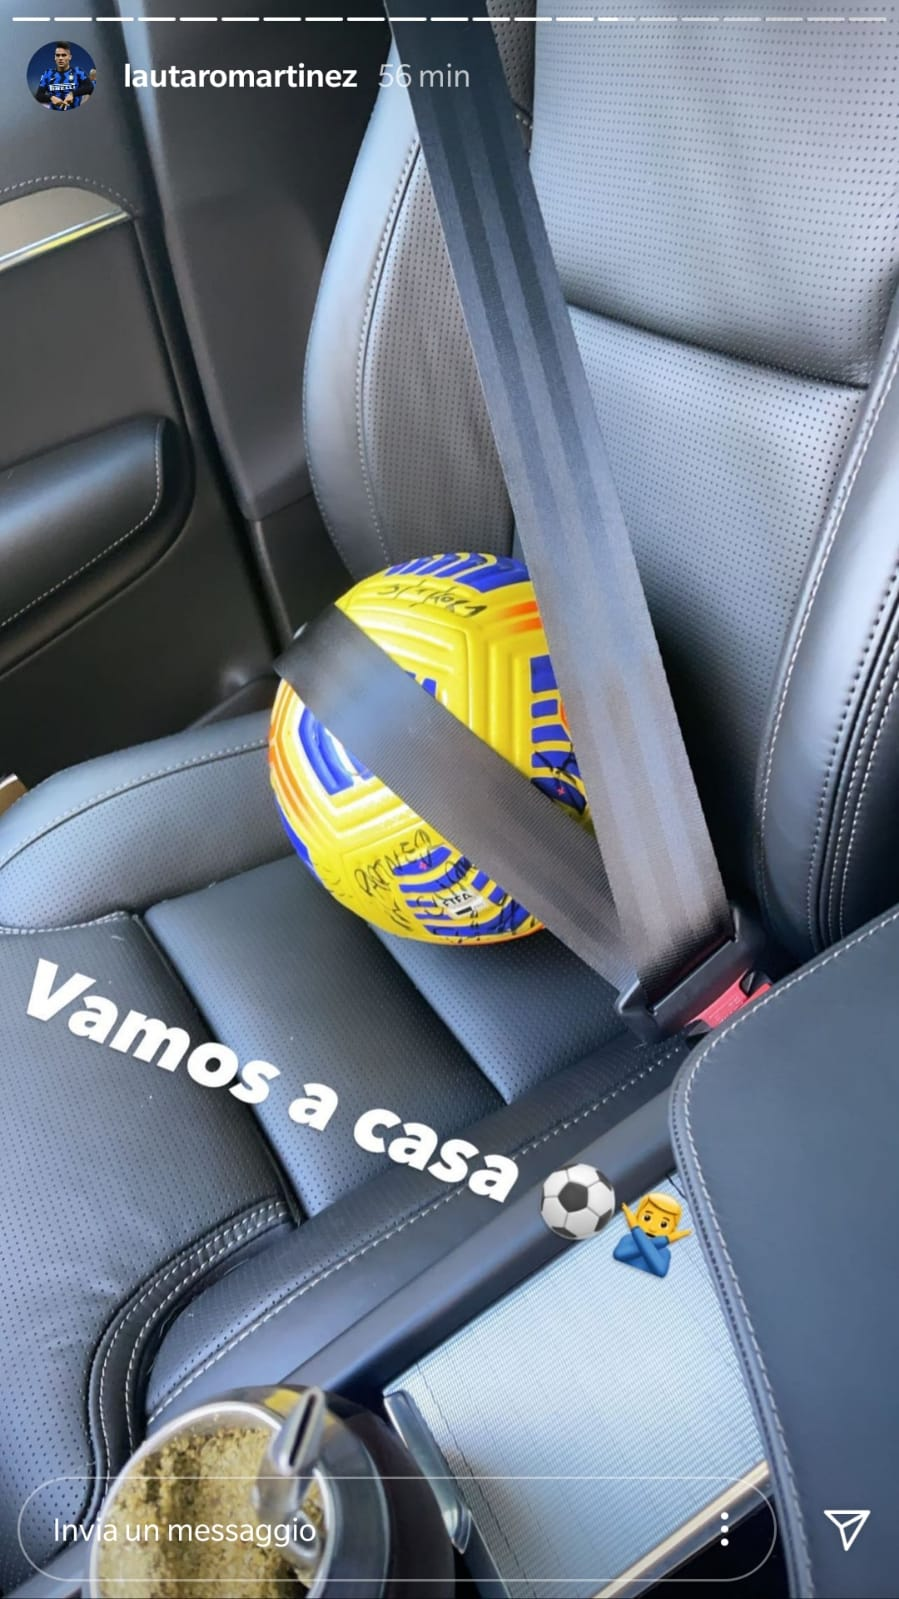 Lautaro-Martinez-post.jpg